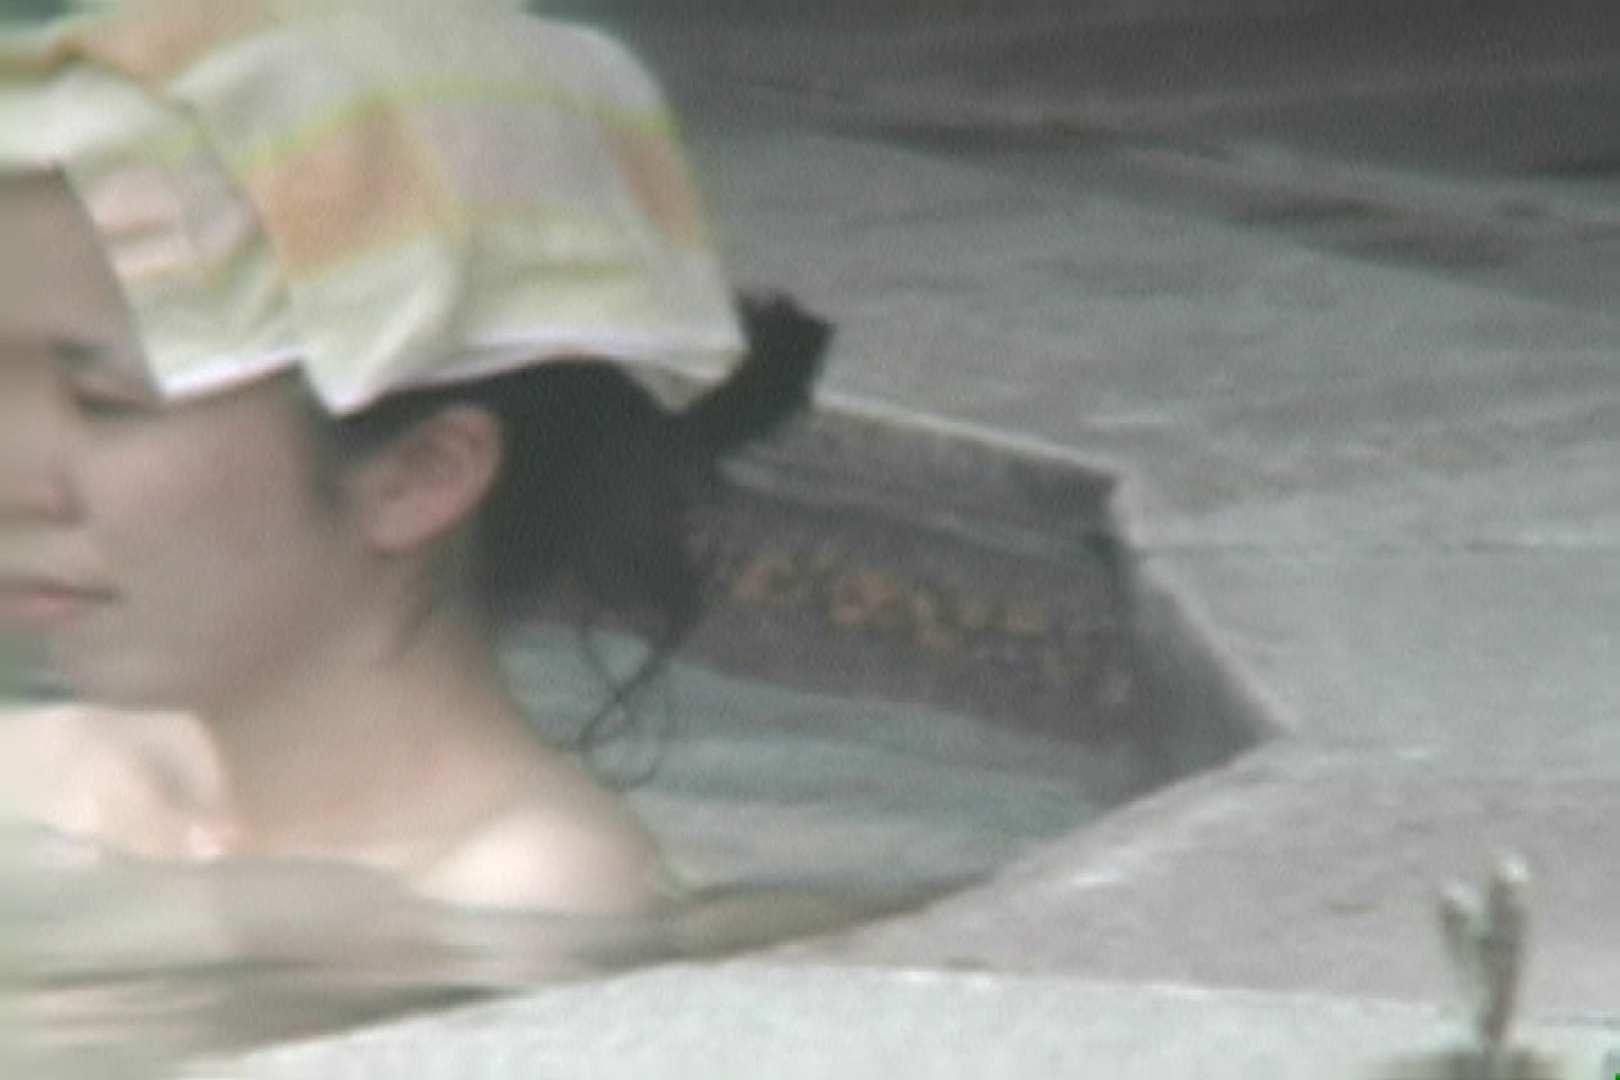 高画質露天女風呂観察 vol.007 高画質 ヌード画像 104PIX 20